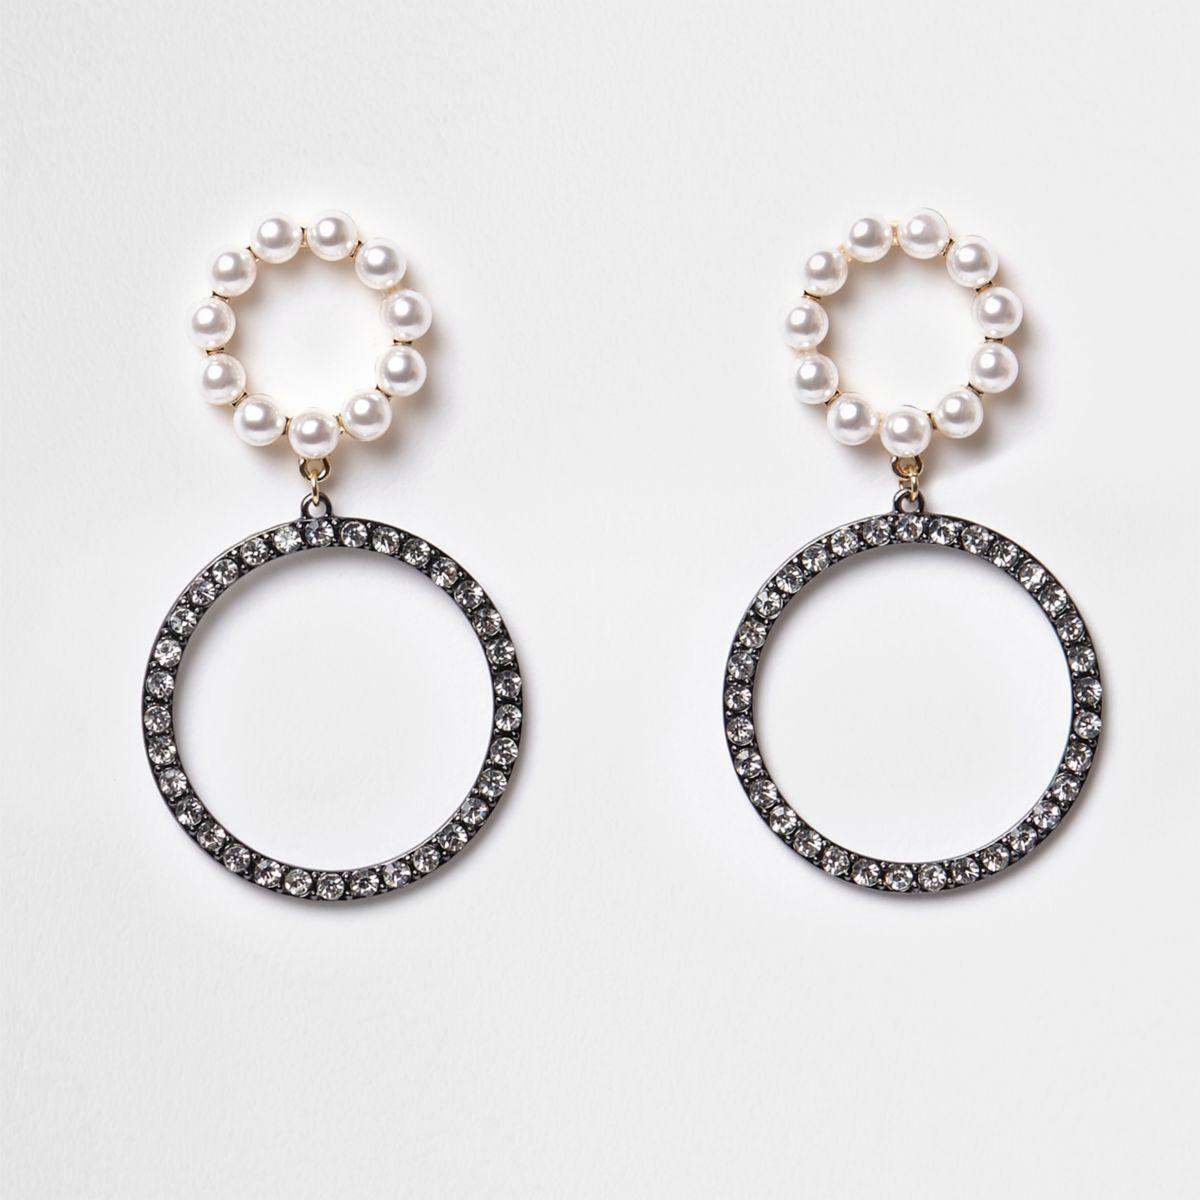 silver gunmetal double diamante hoop earrings earrings. Black Bedroom Furniture Sets. Home Design Ideas